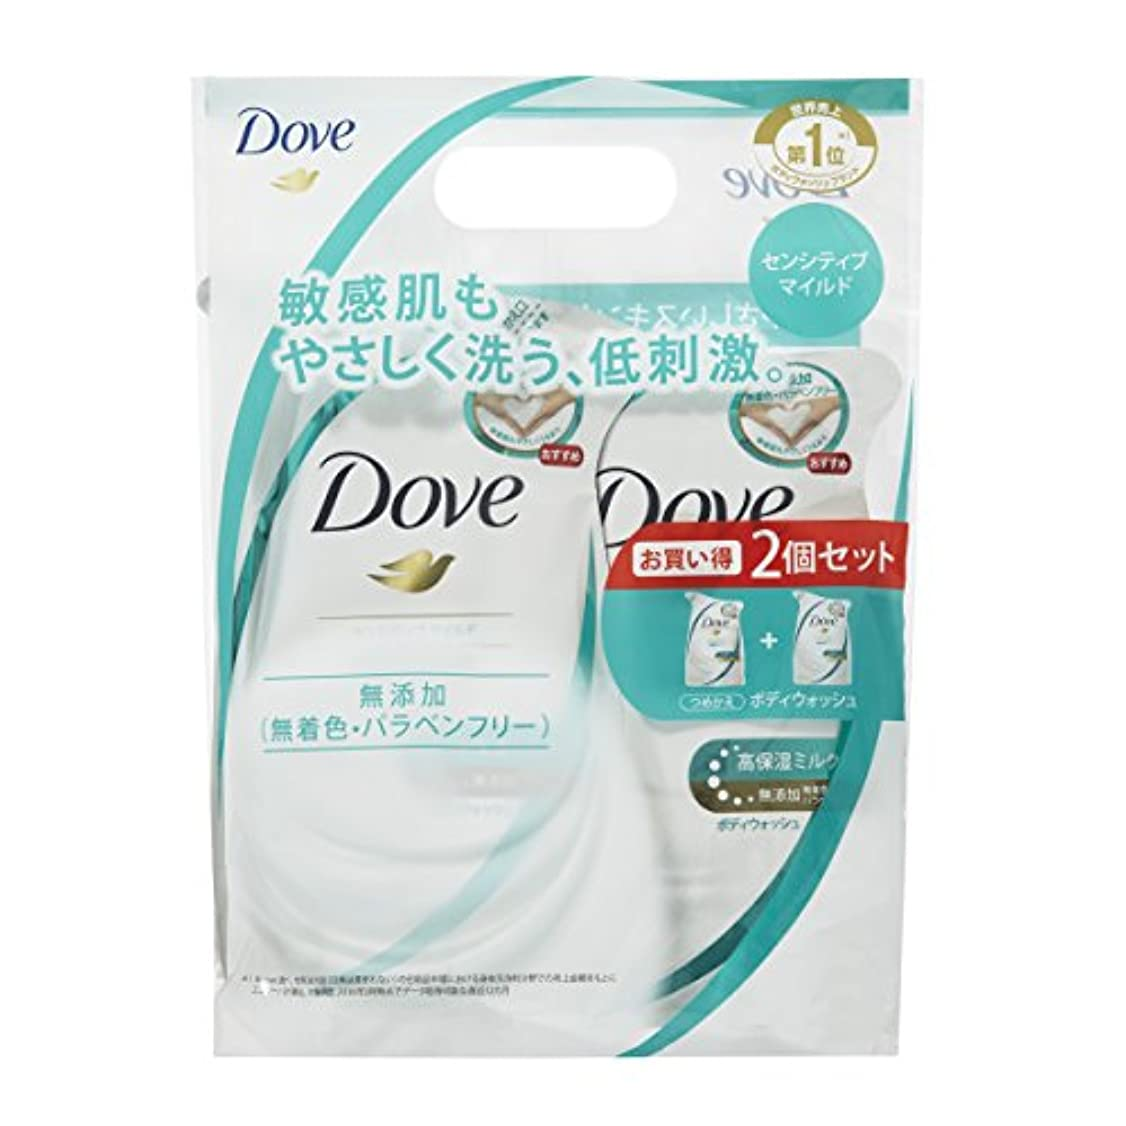 Dove ダヴ ボディウォッシュ センシティブマイルド つめかえ用ペア 360g+360g